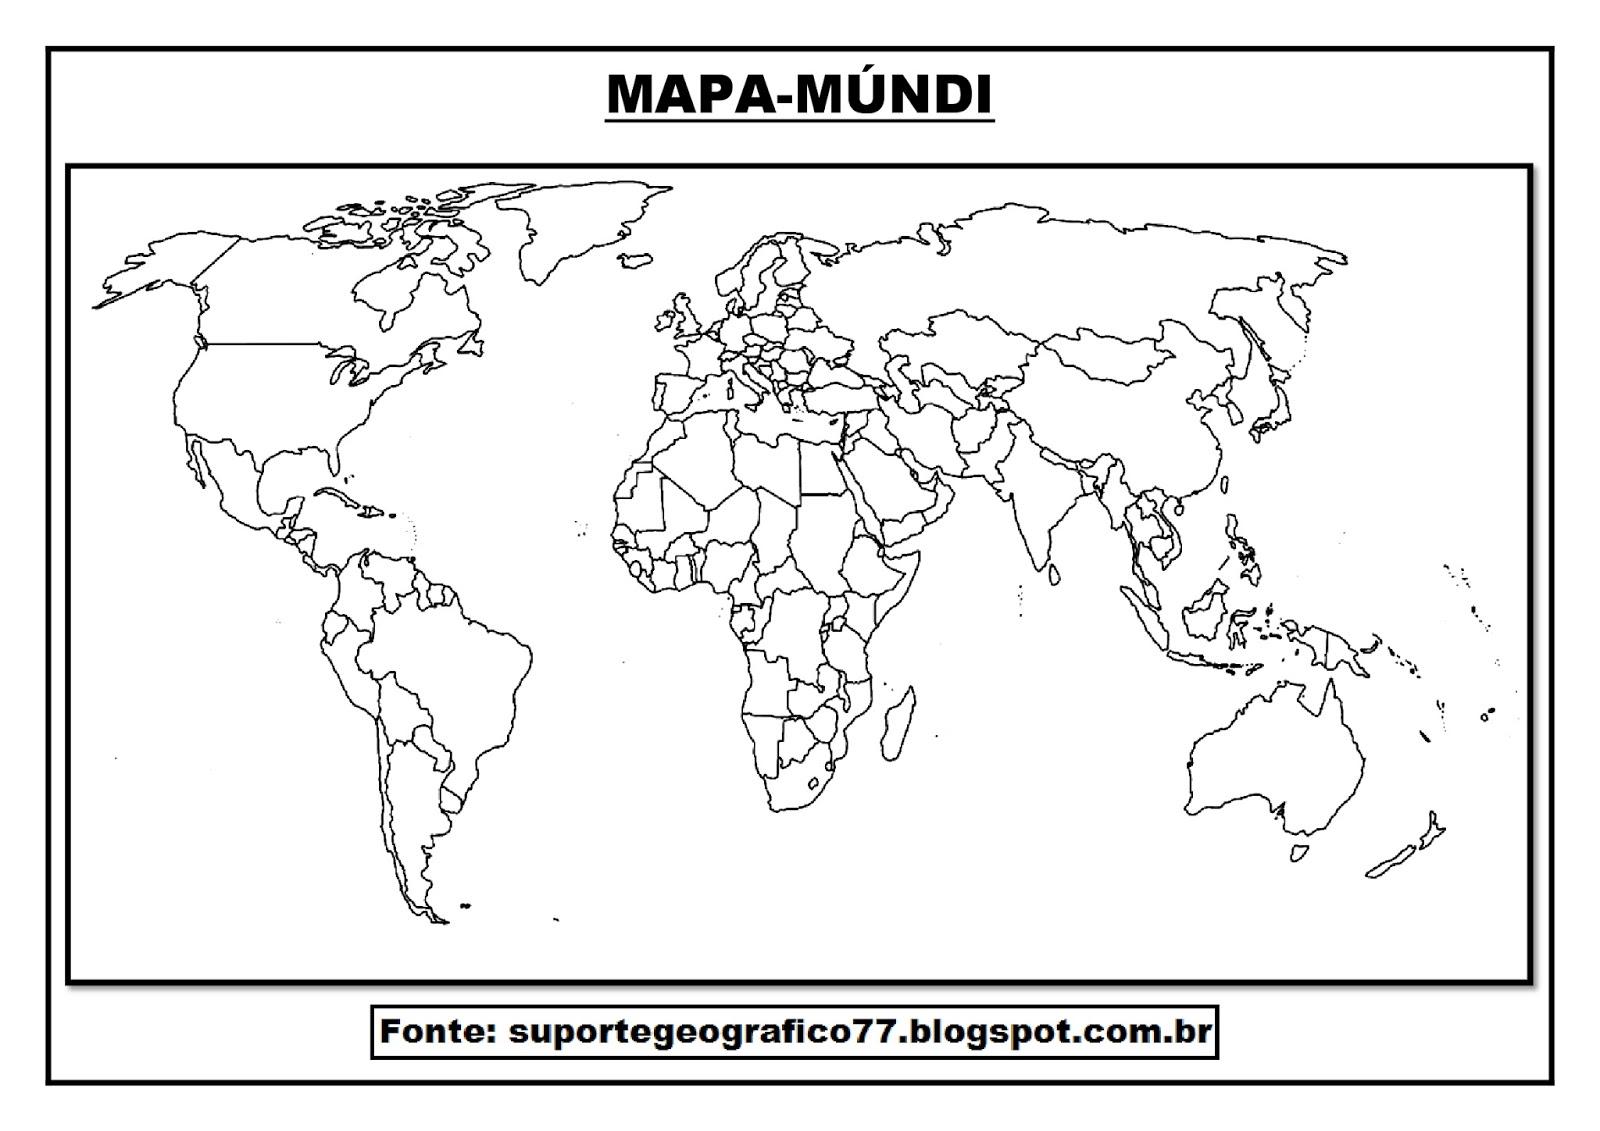 mapa mundo para colorir Suporte Geográfico: MAPA MÚNDI PARA COLORIR mapa mundo para colorir